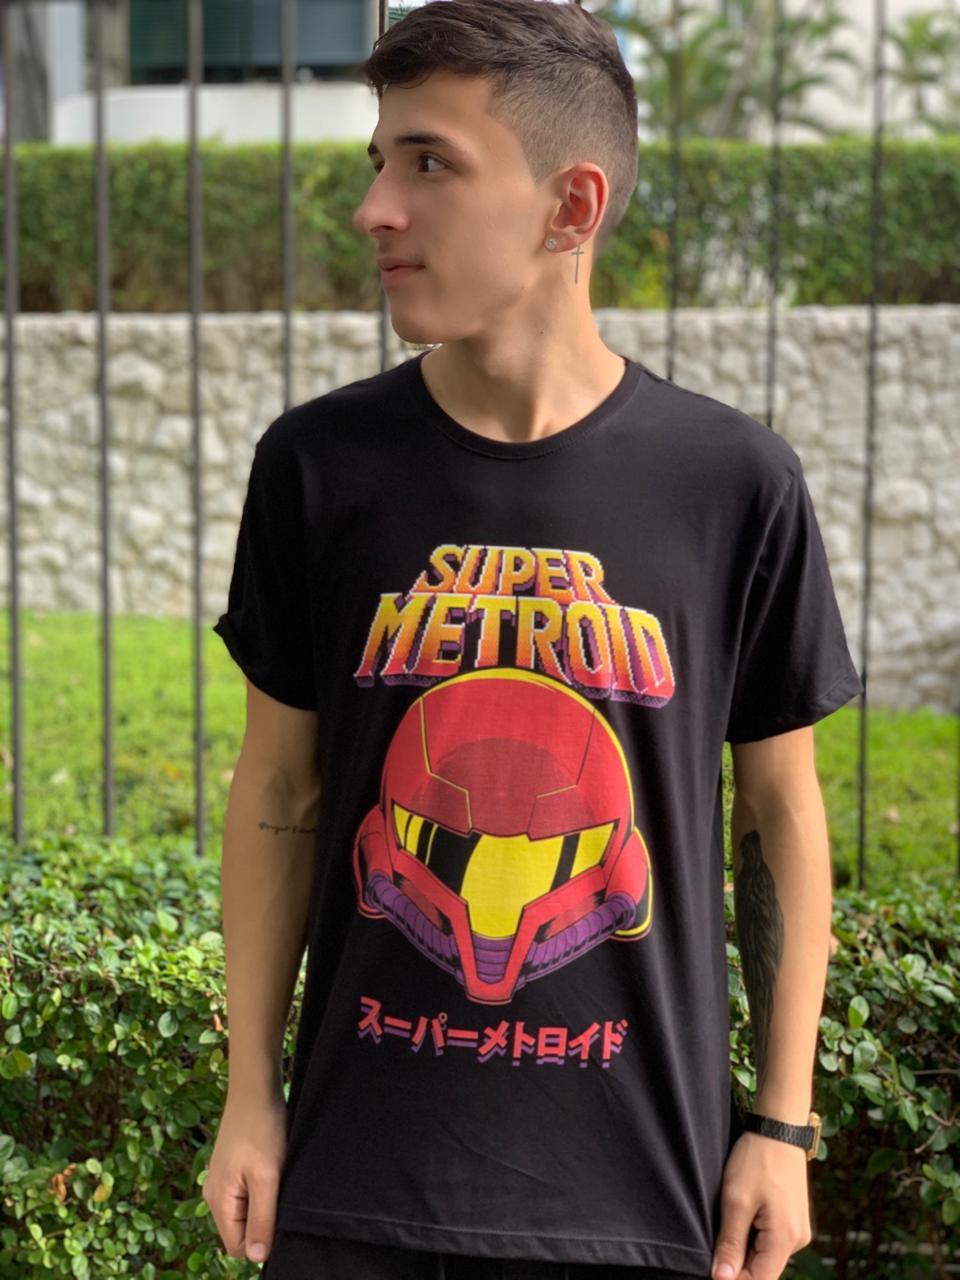 Camiseta Super Metroid PretoTamanho: G